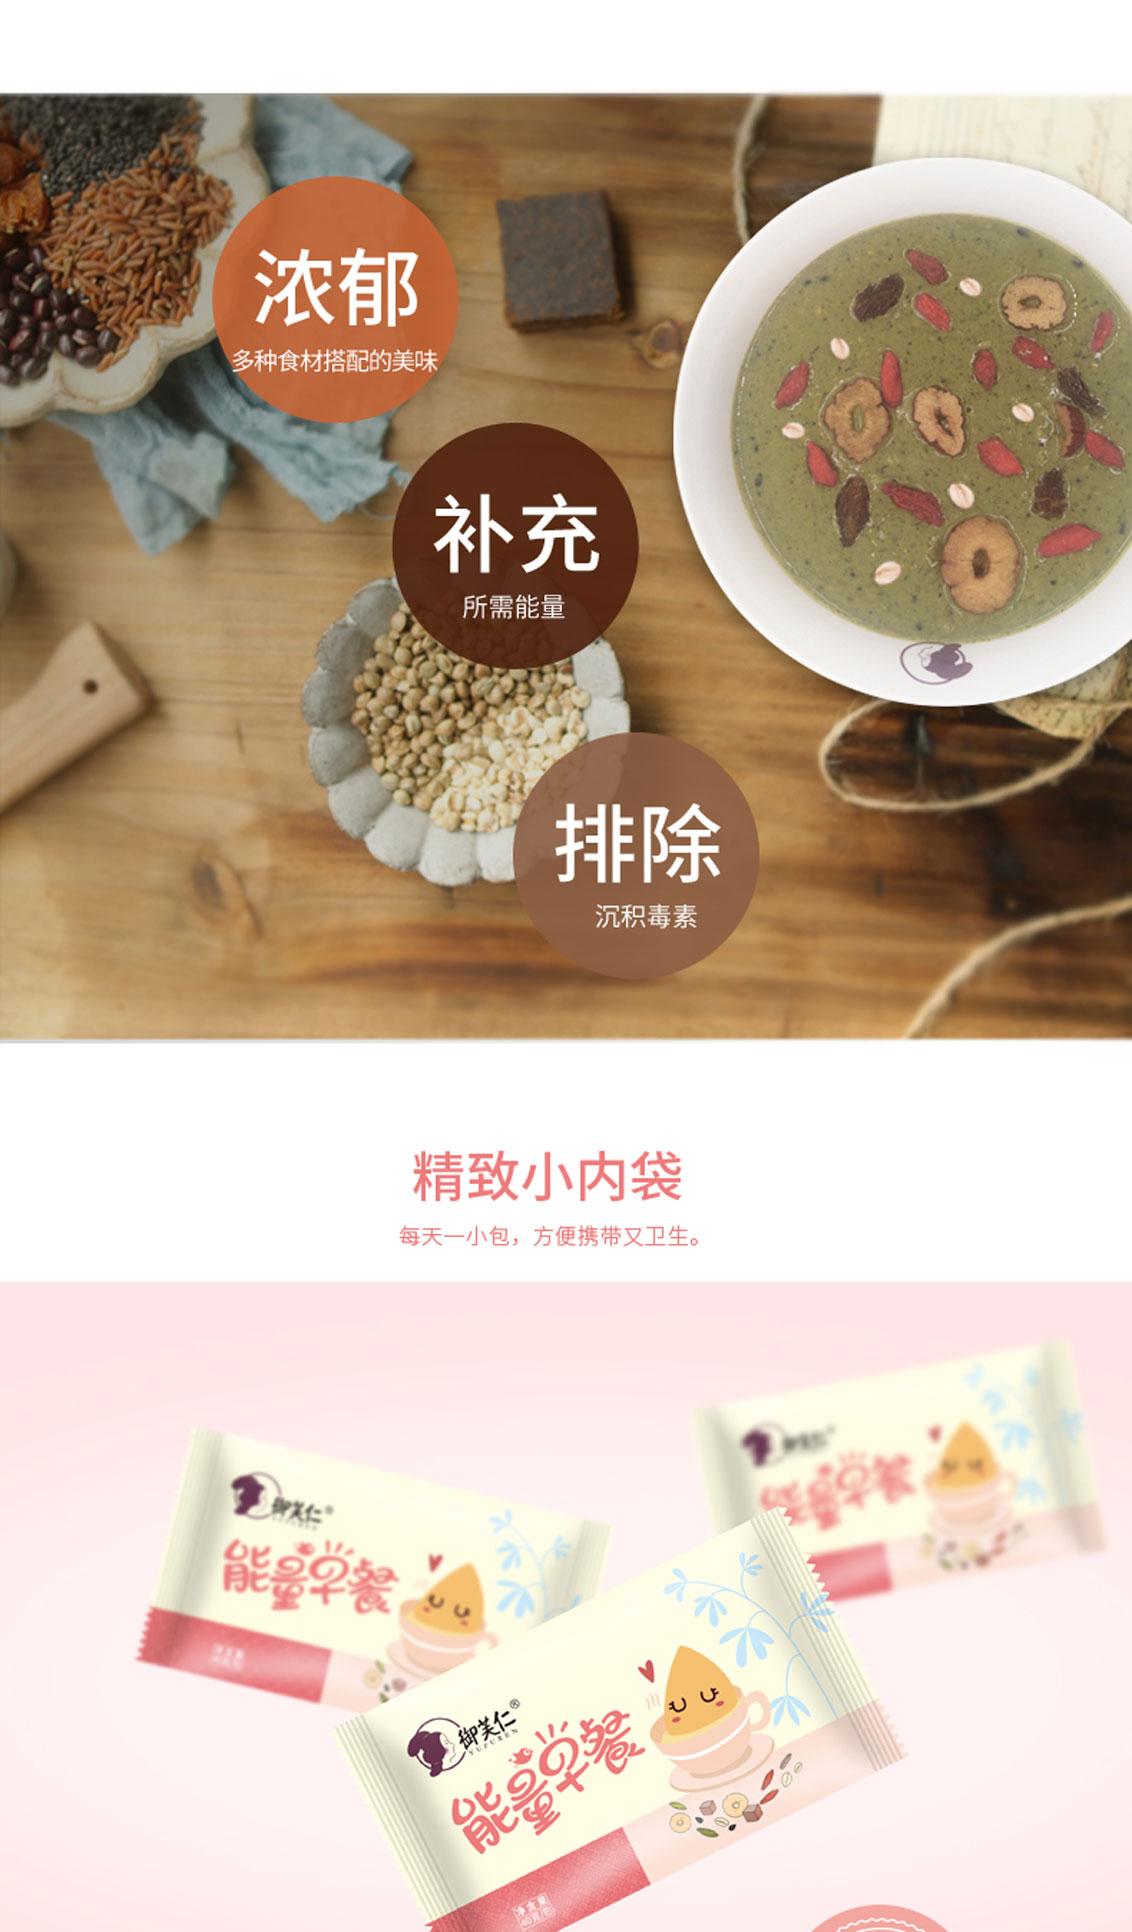 能量早餐简装版-粉色-详情页-P_04